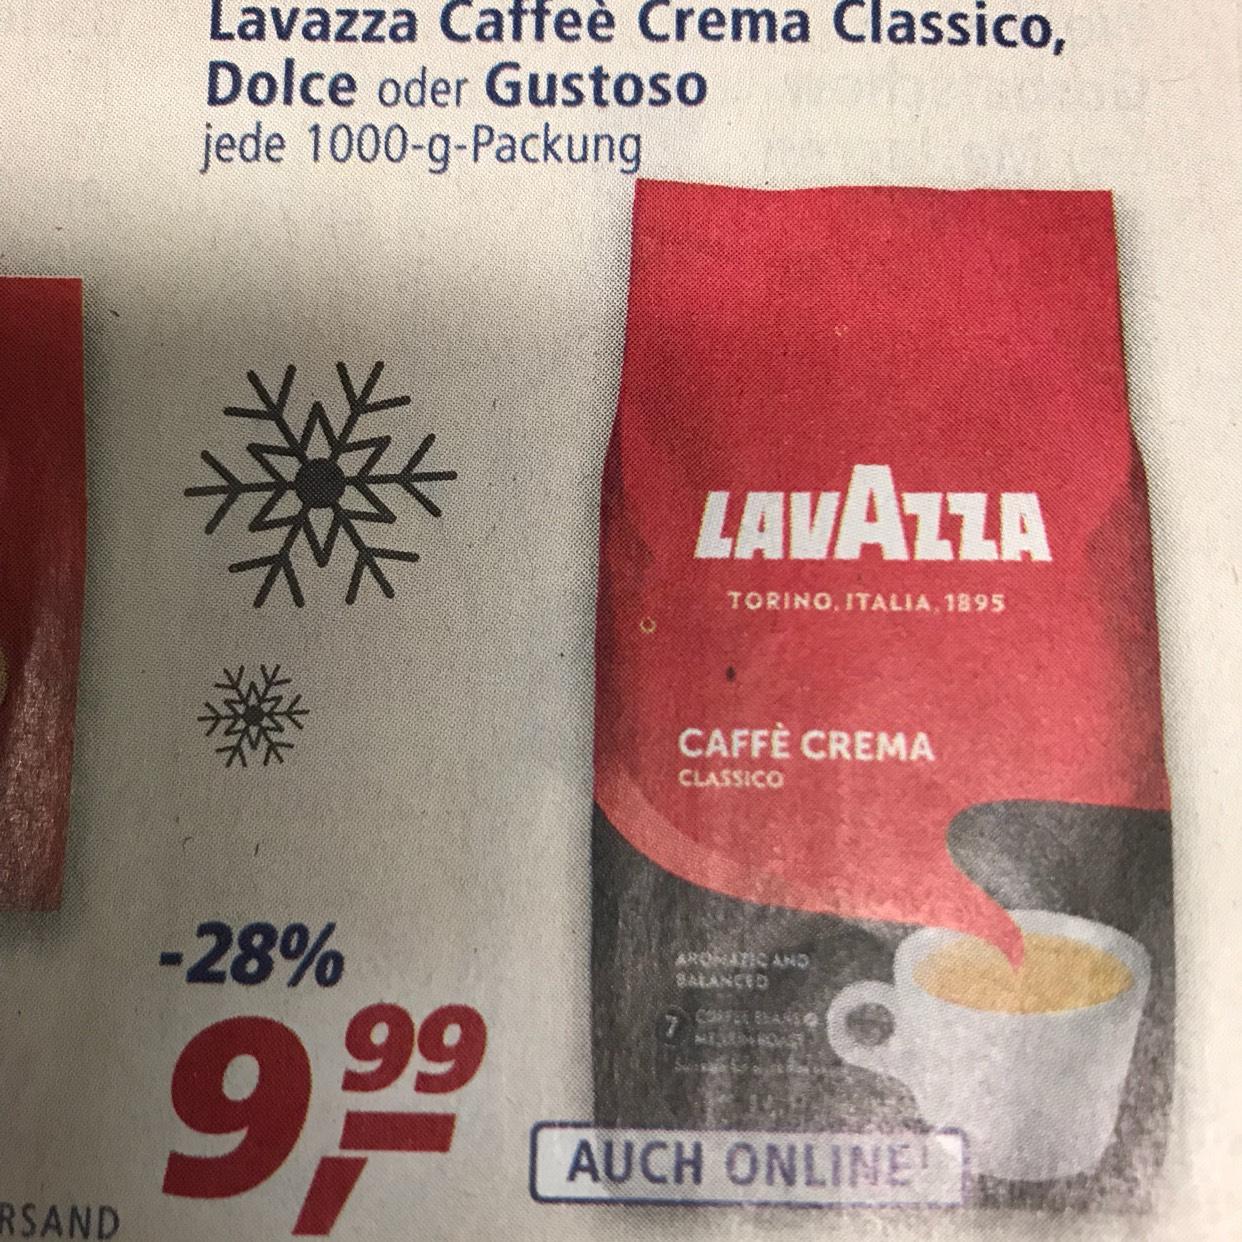 Lavazza Caffeè Crema Classico 1000g